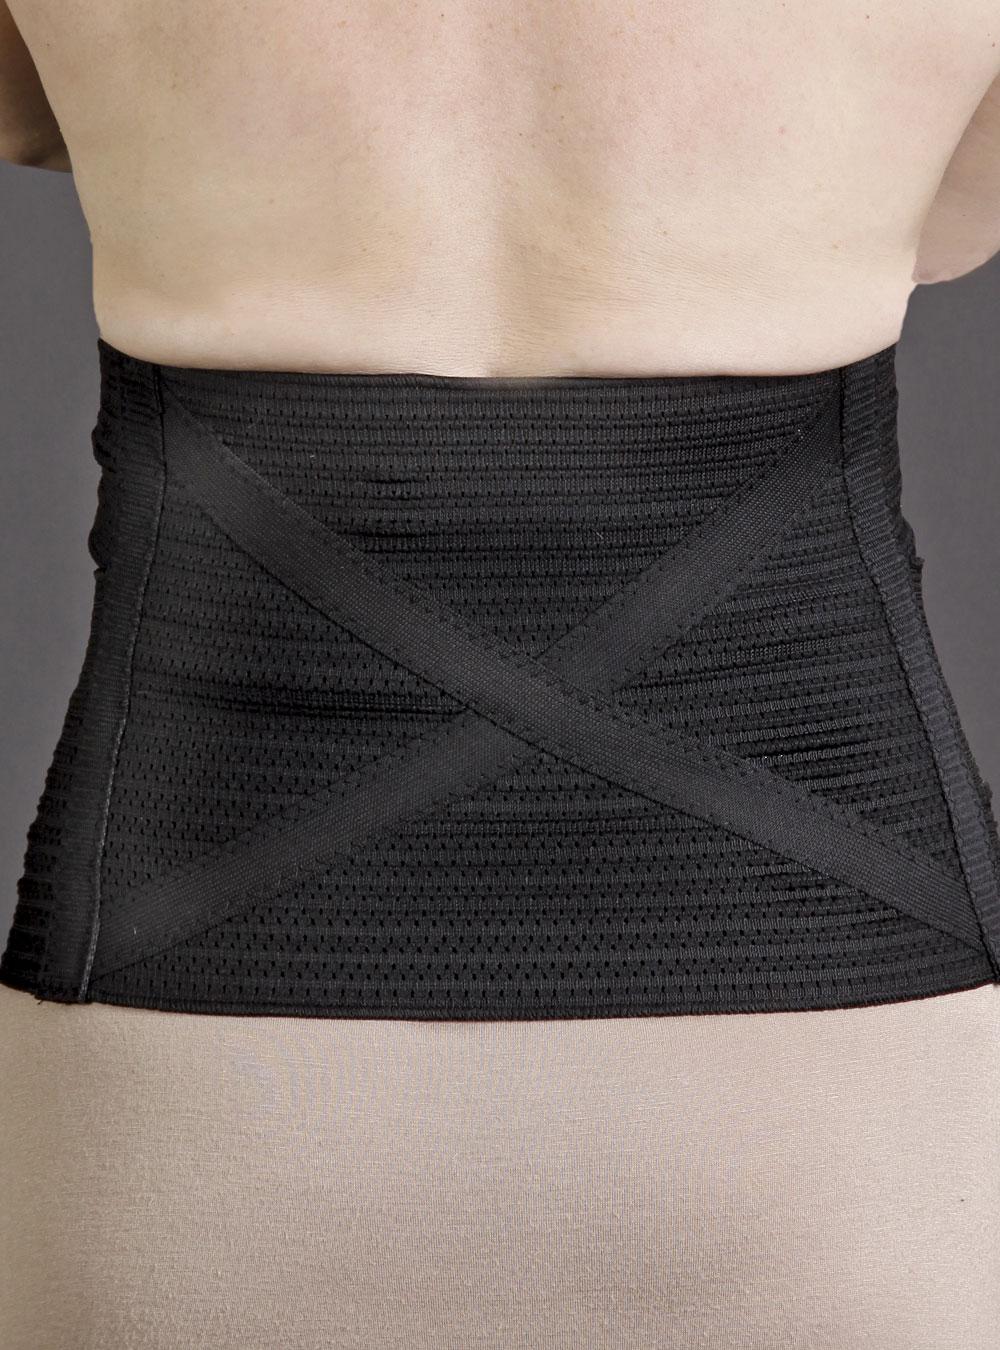 3-8527 waist binder